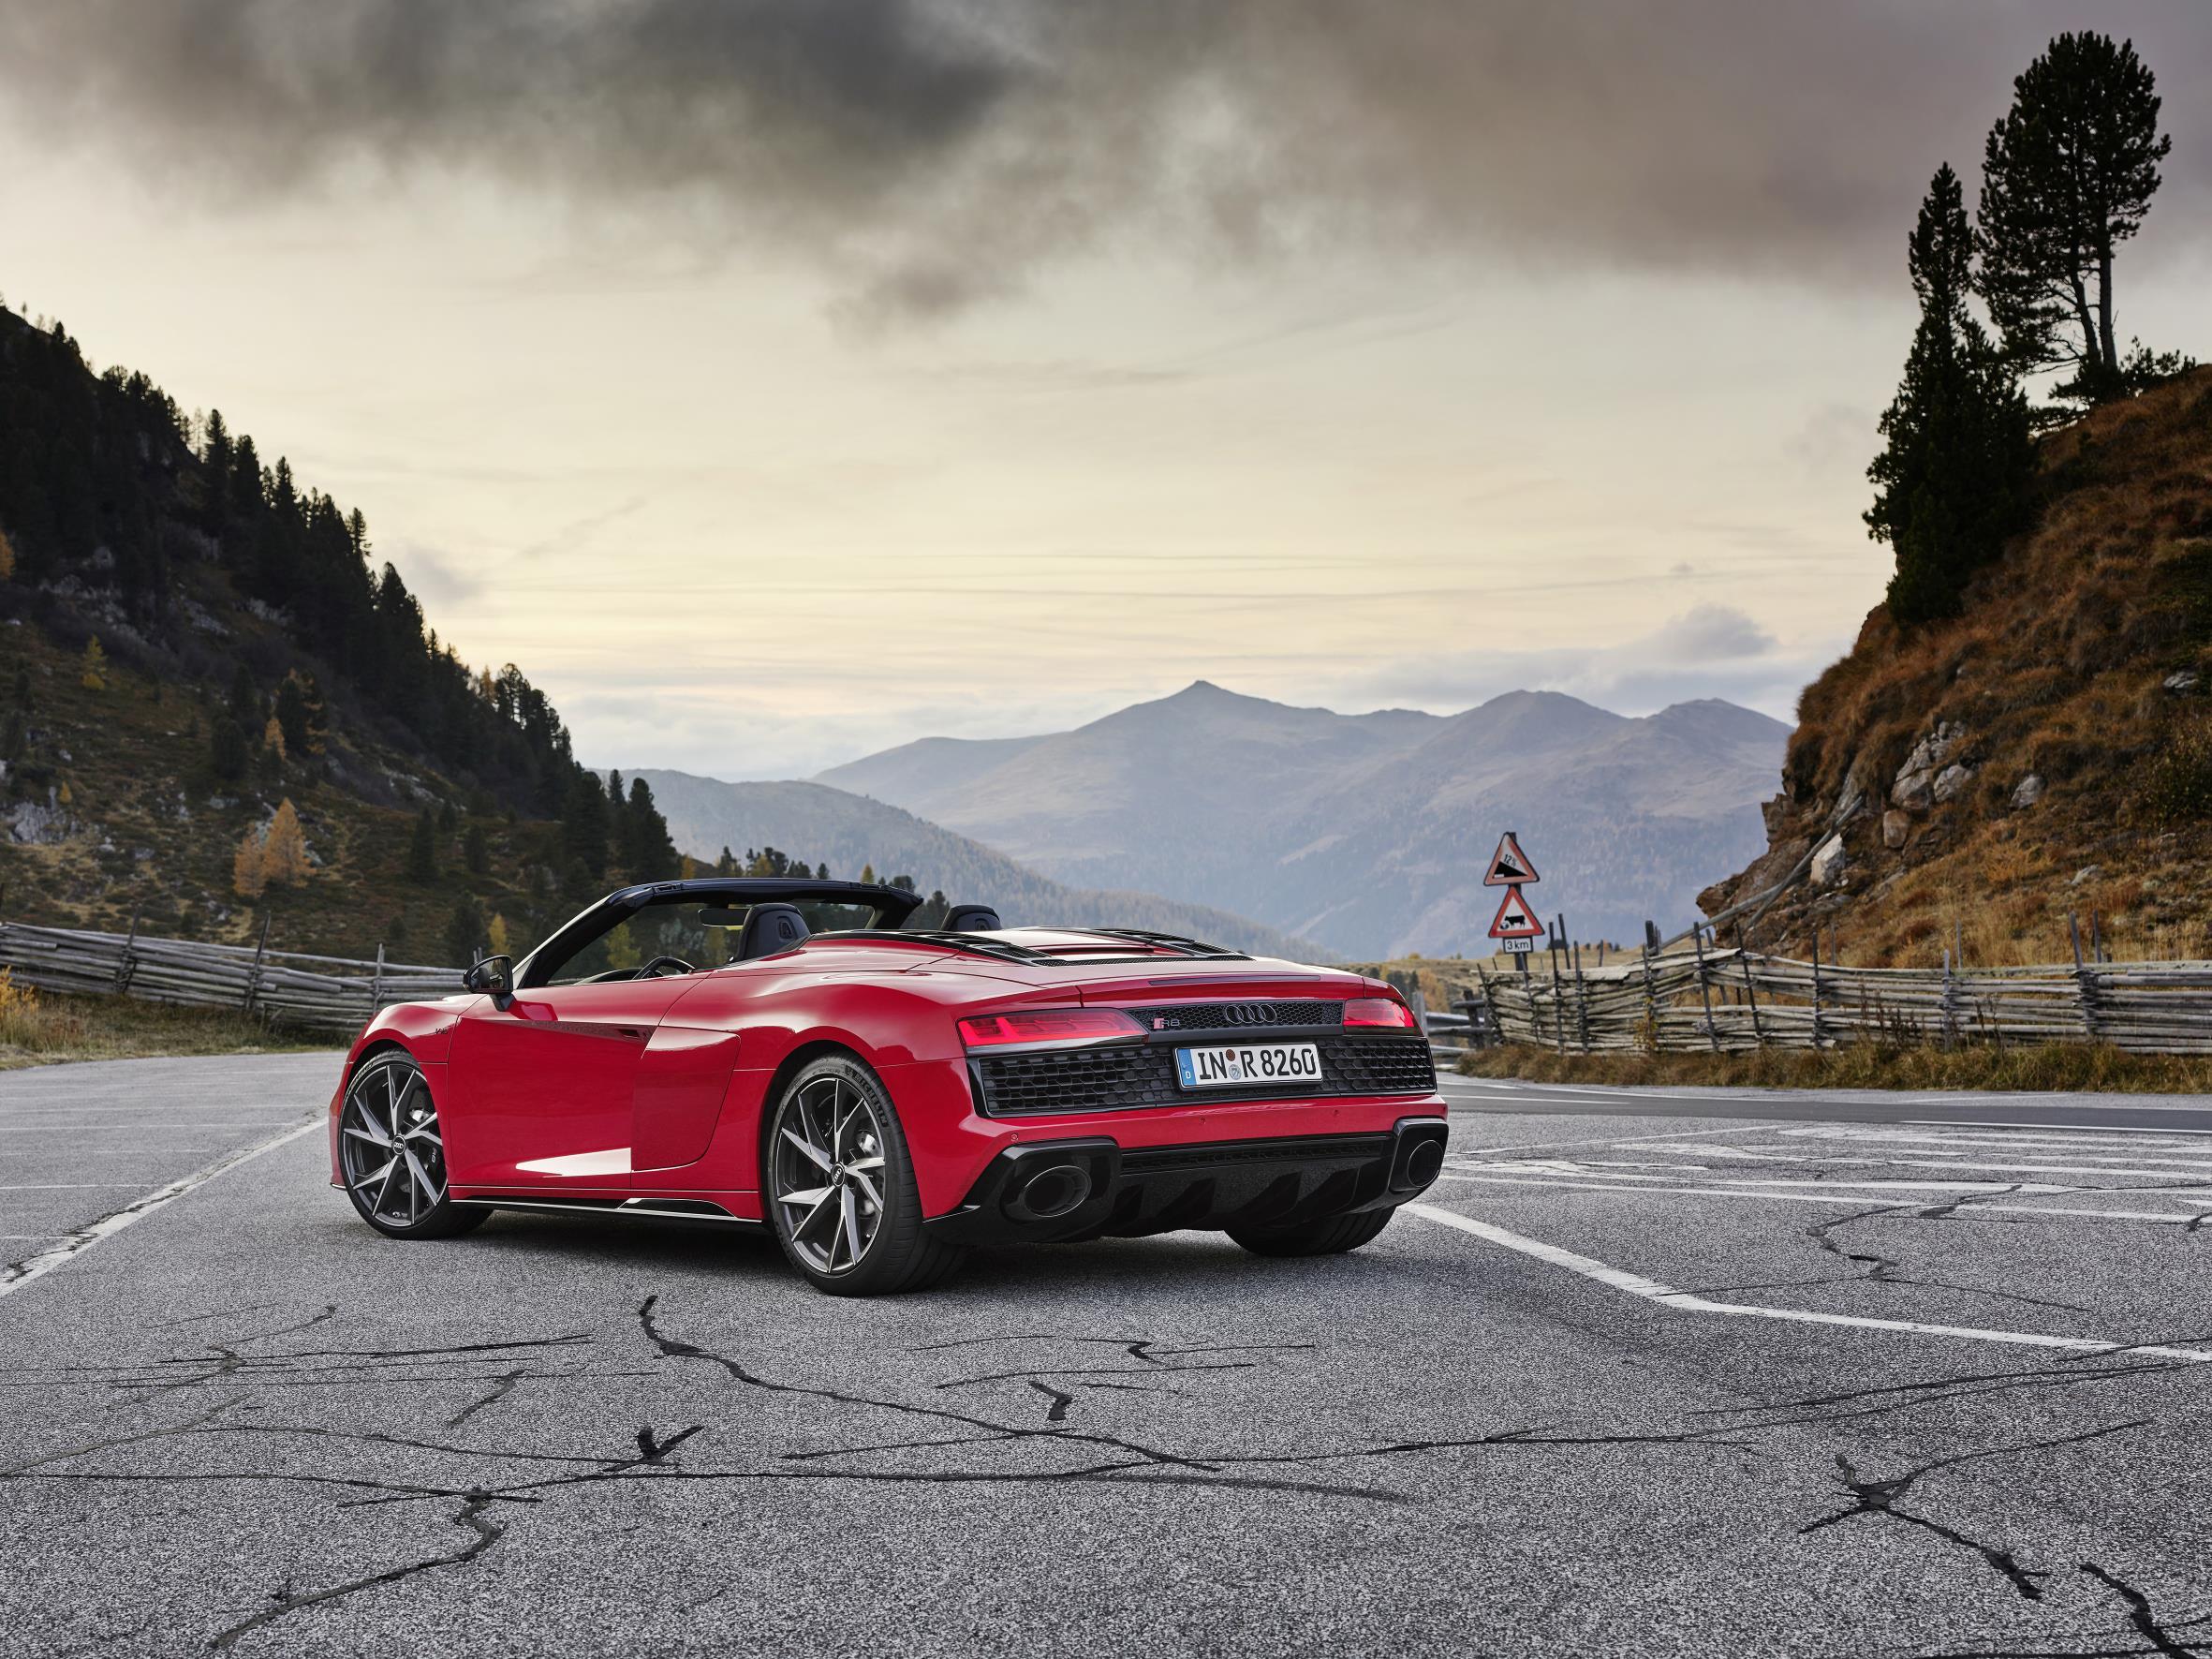 2020 Audi R8 RWD Spyder Rear